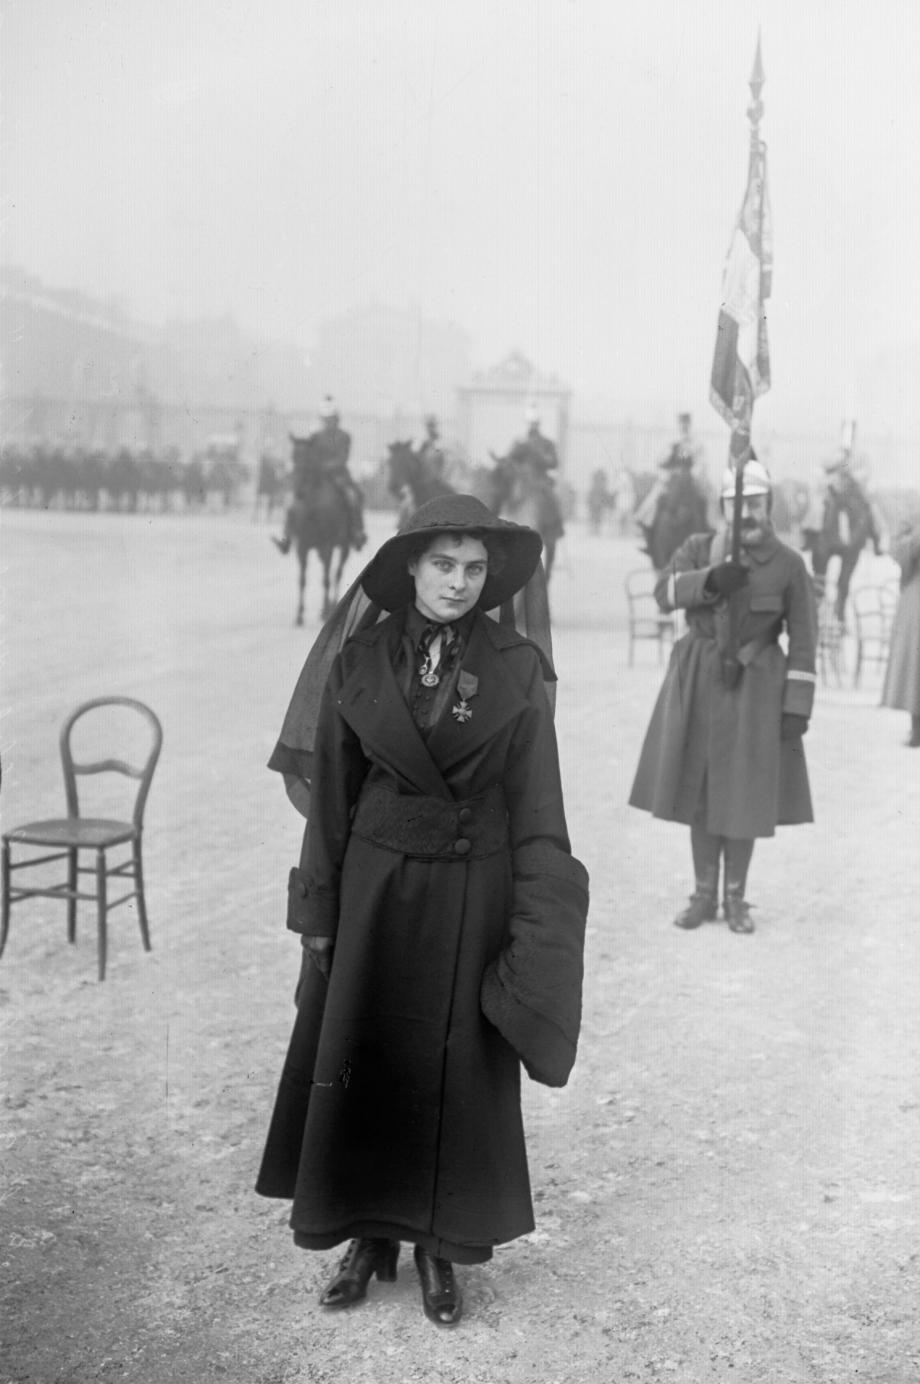 Émilienne_Moreau_1915.jpg